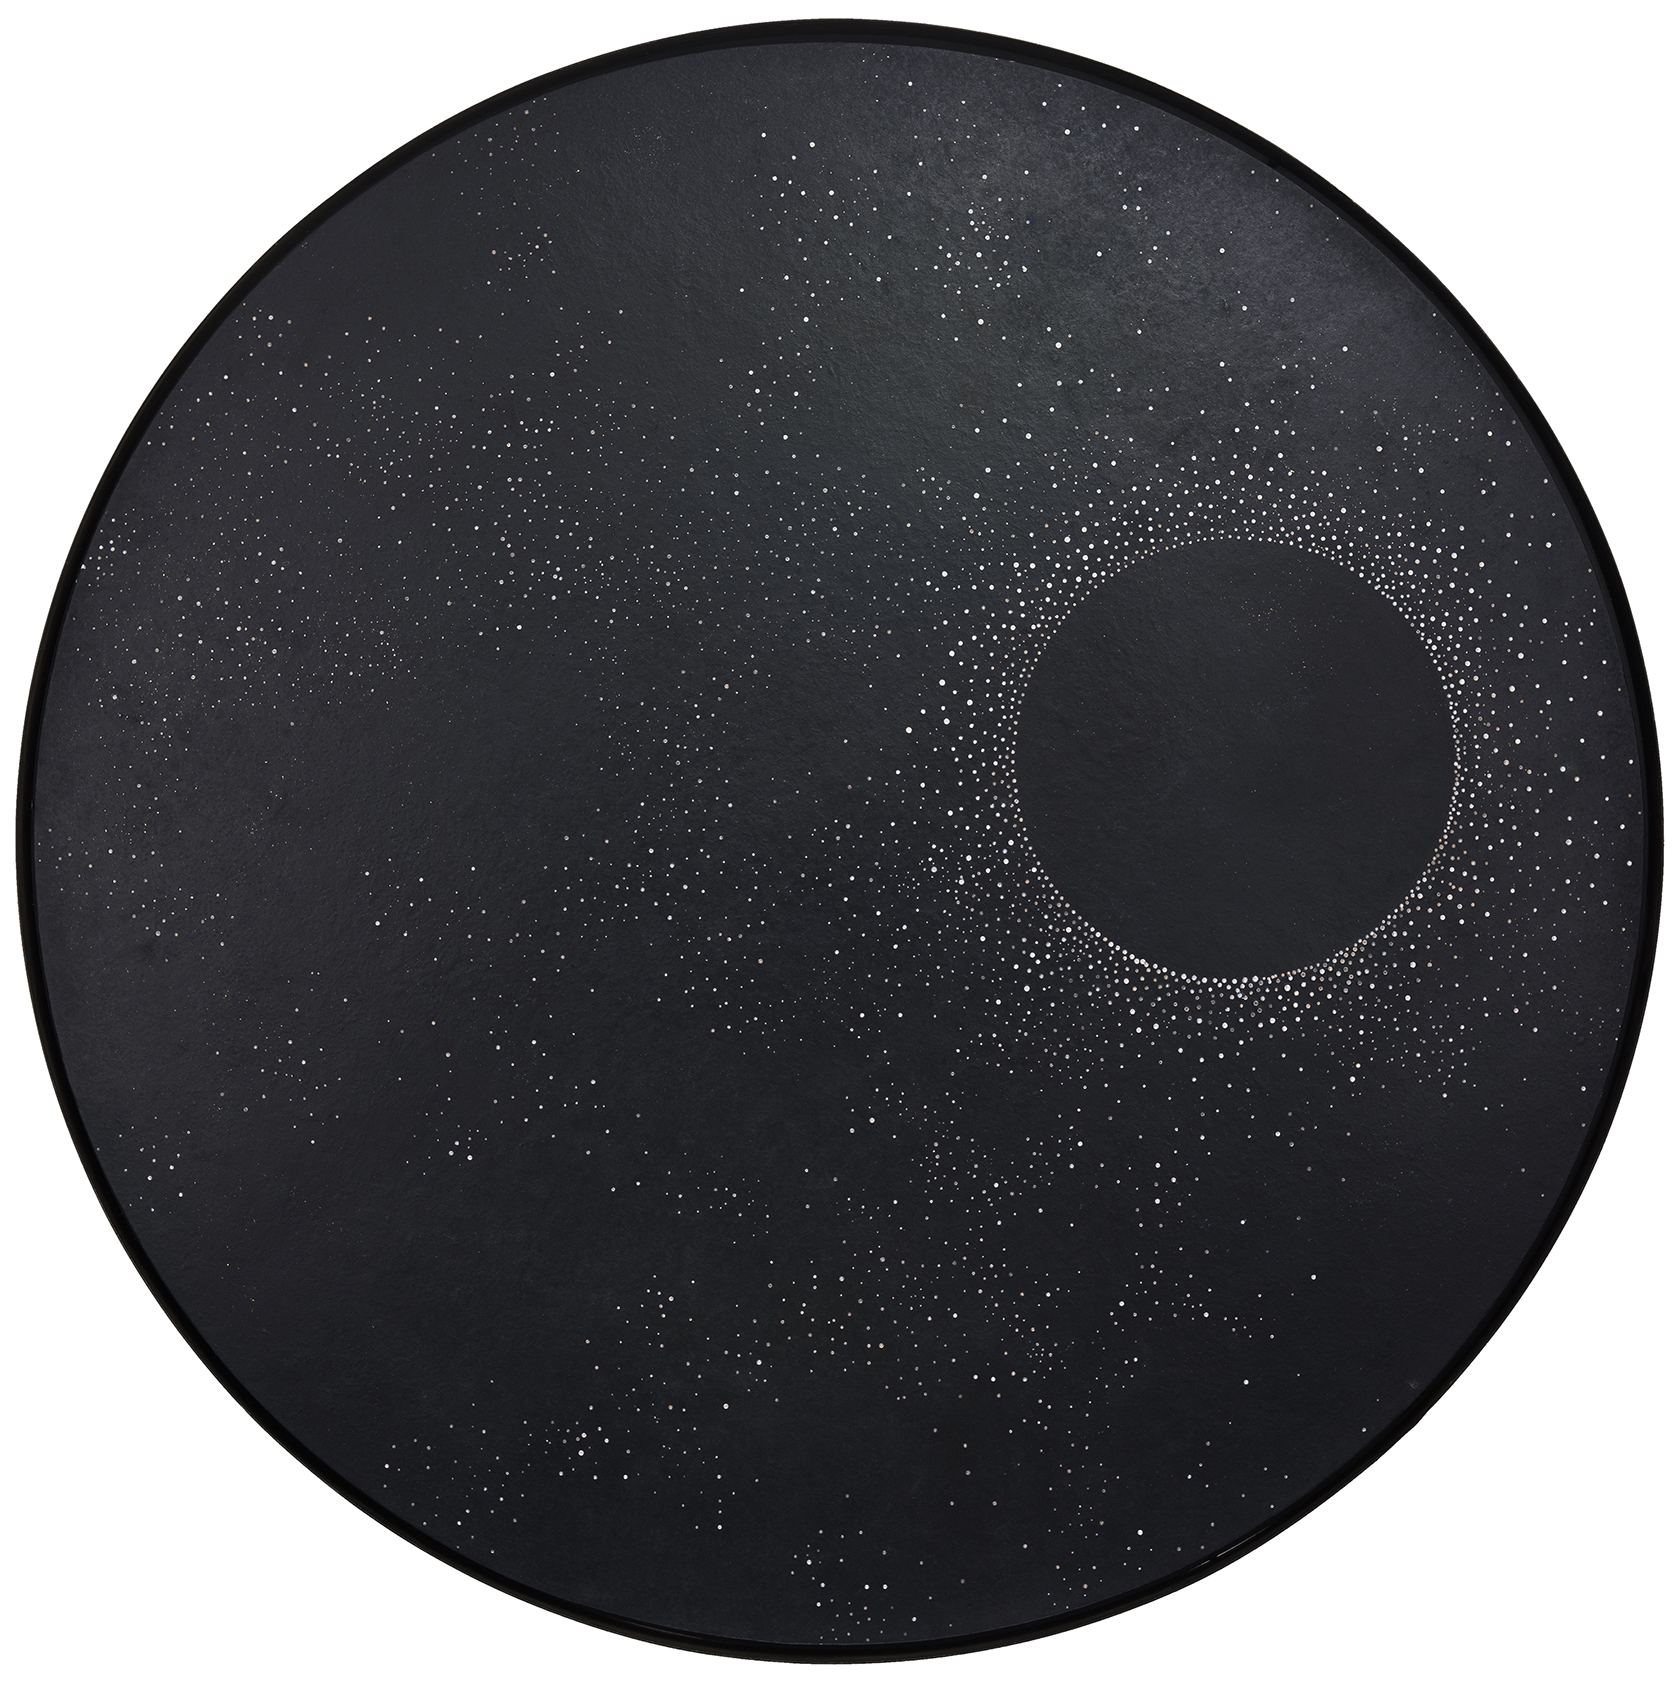 La constellation - Laque finition cirée, détails creusés dans le bois - Dimension : 100 cm dia